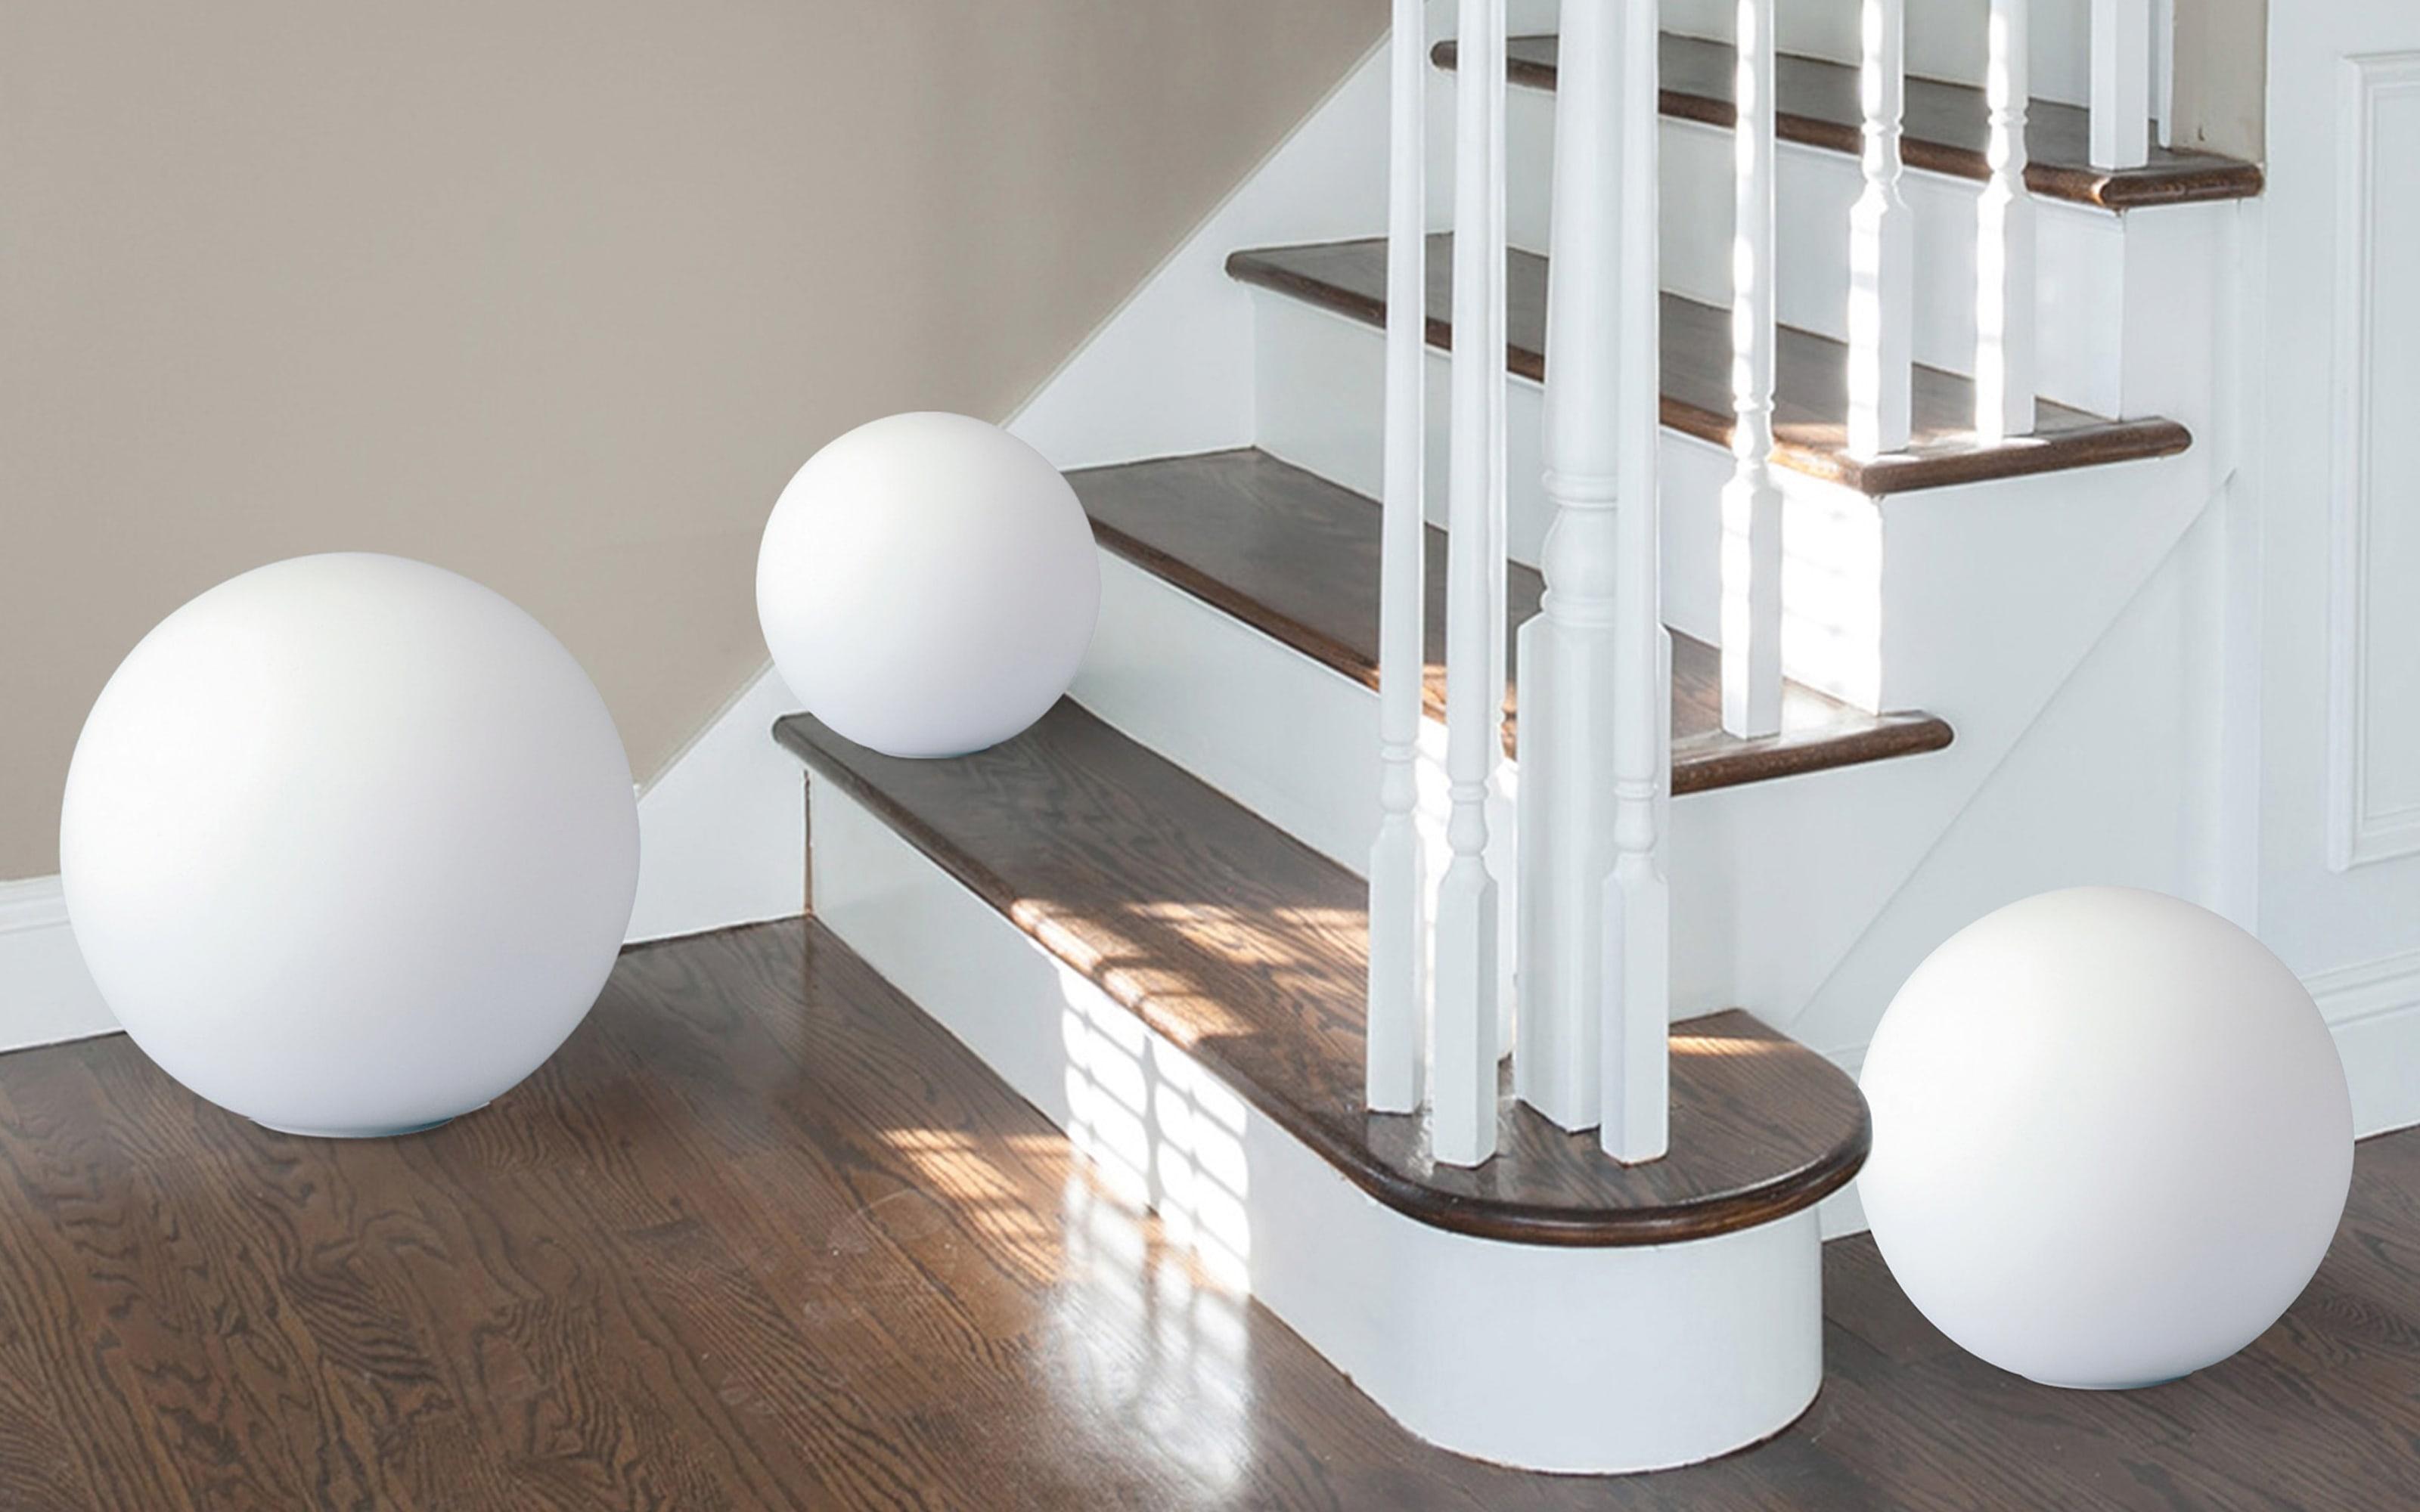 Tischleuchte Glaskugel in weiß, 30 cm